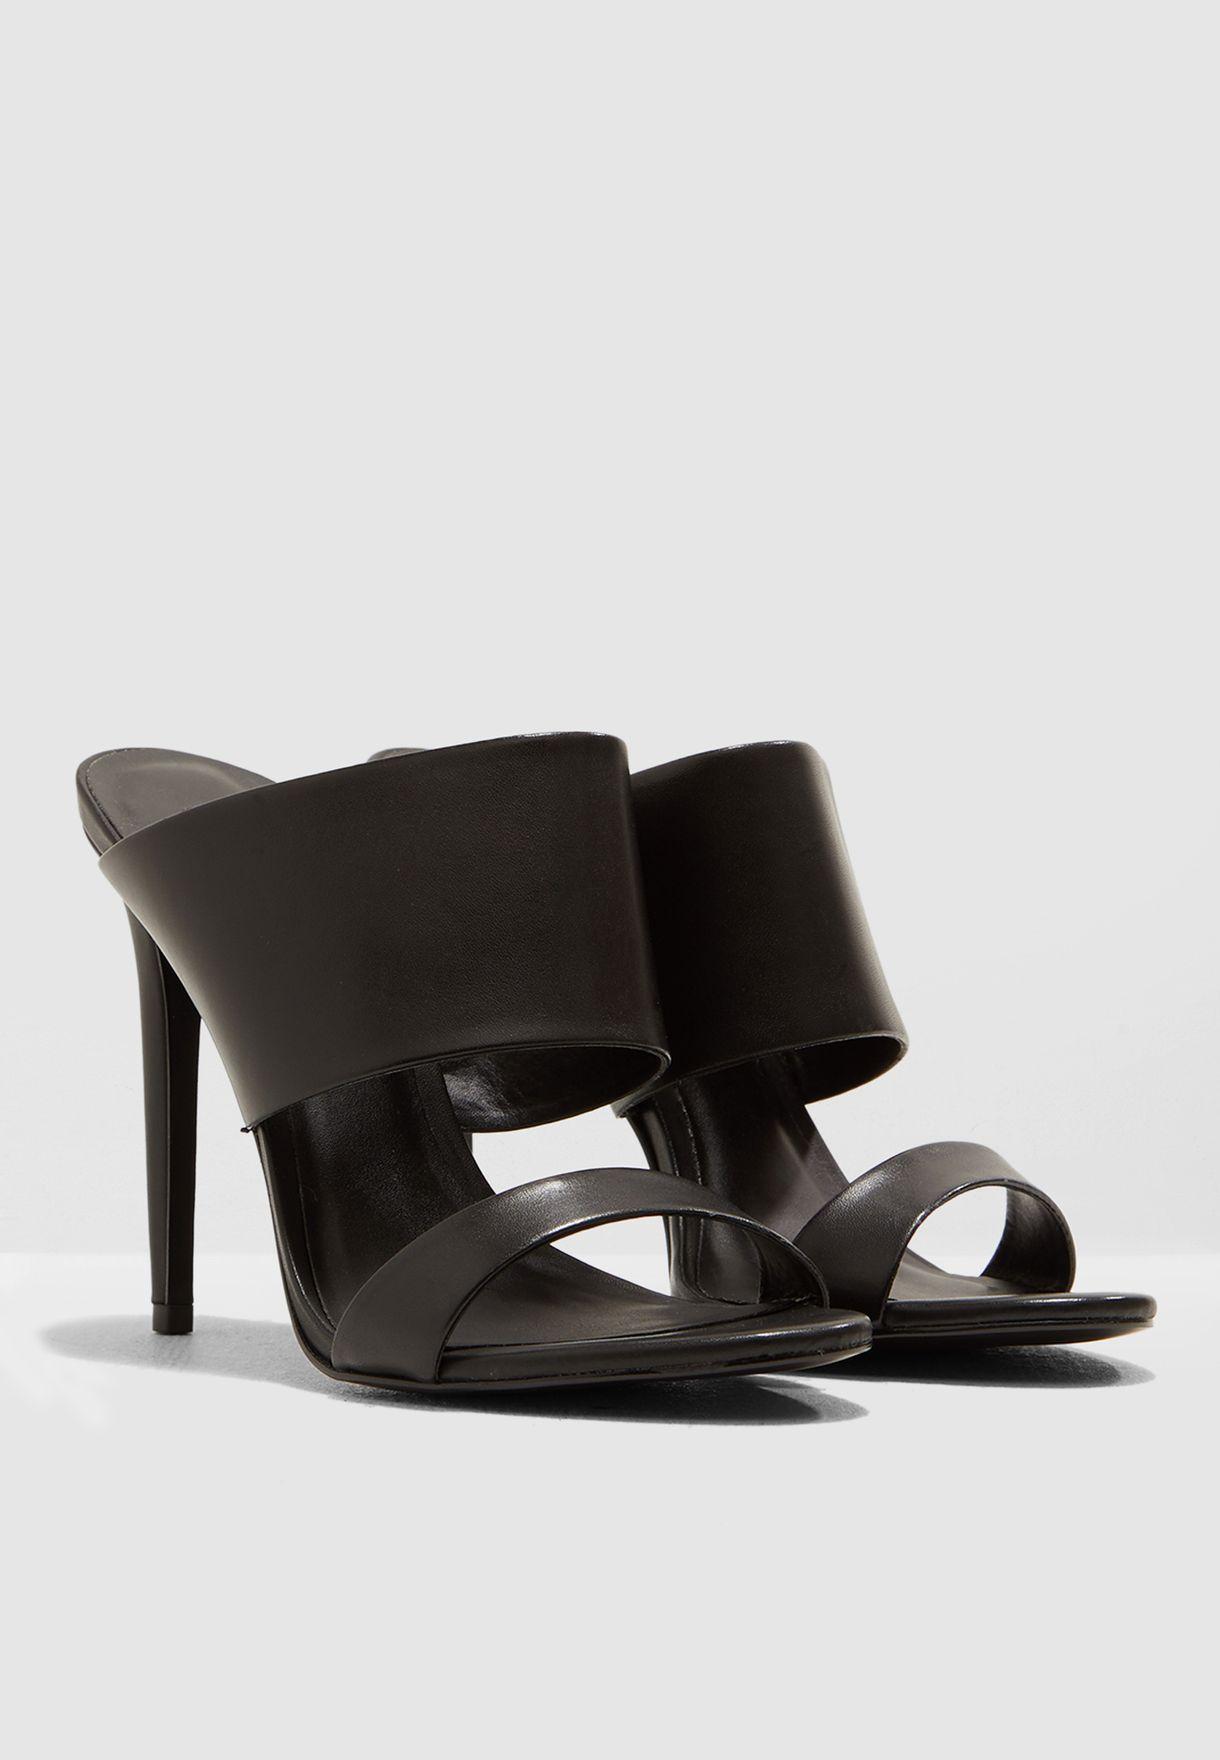 Mallory Sandal